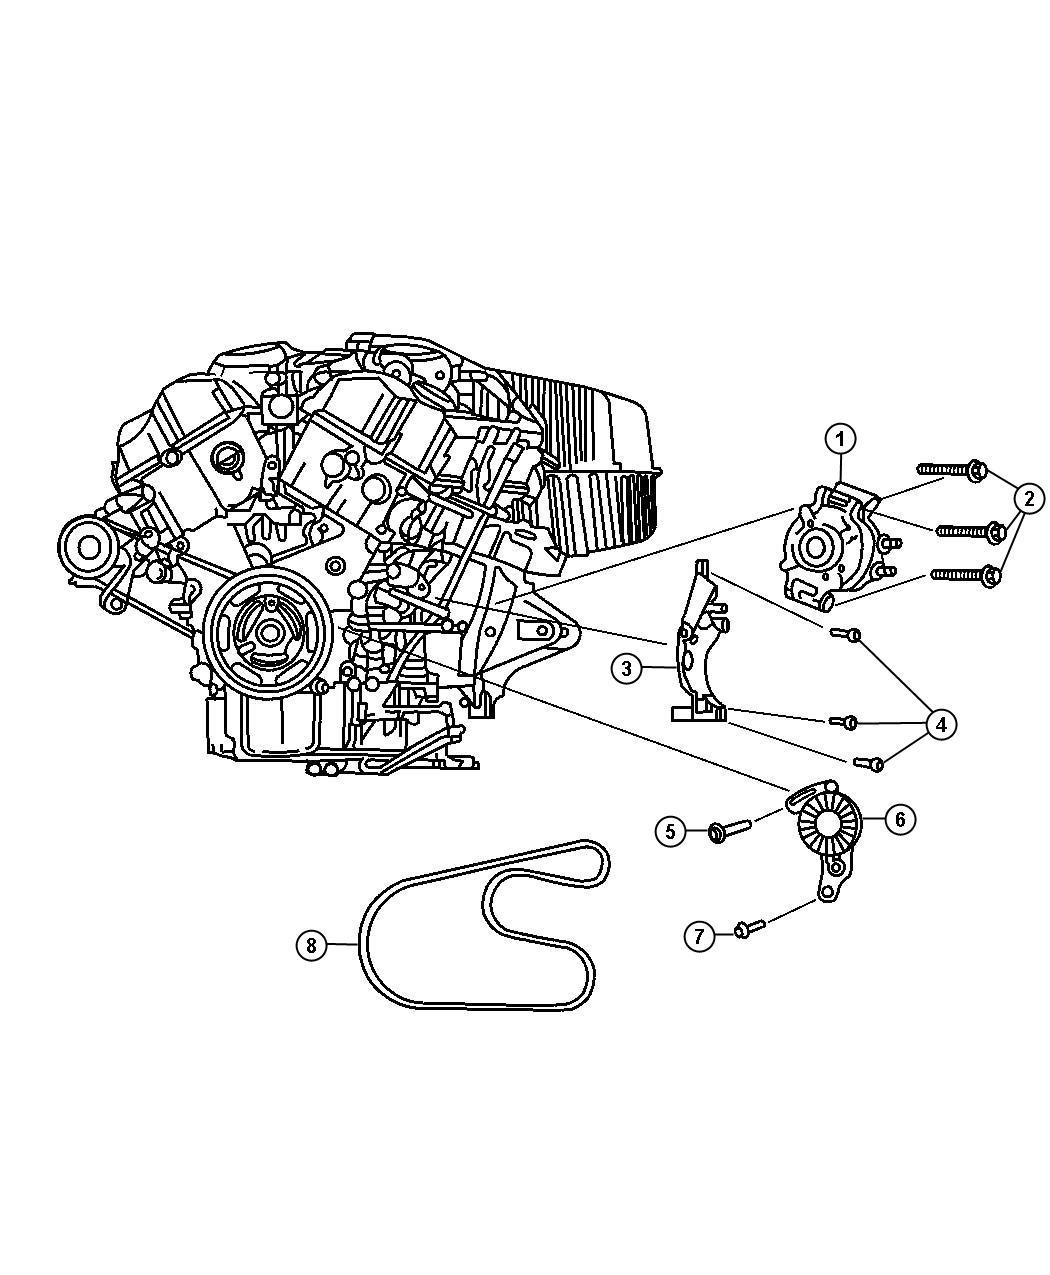 Dodge Stratus Alternator 2 7 Engine